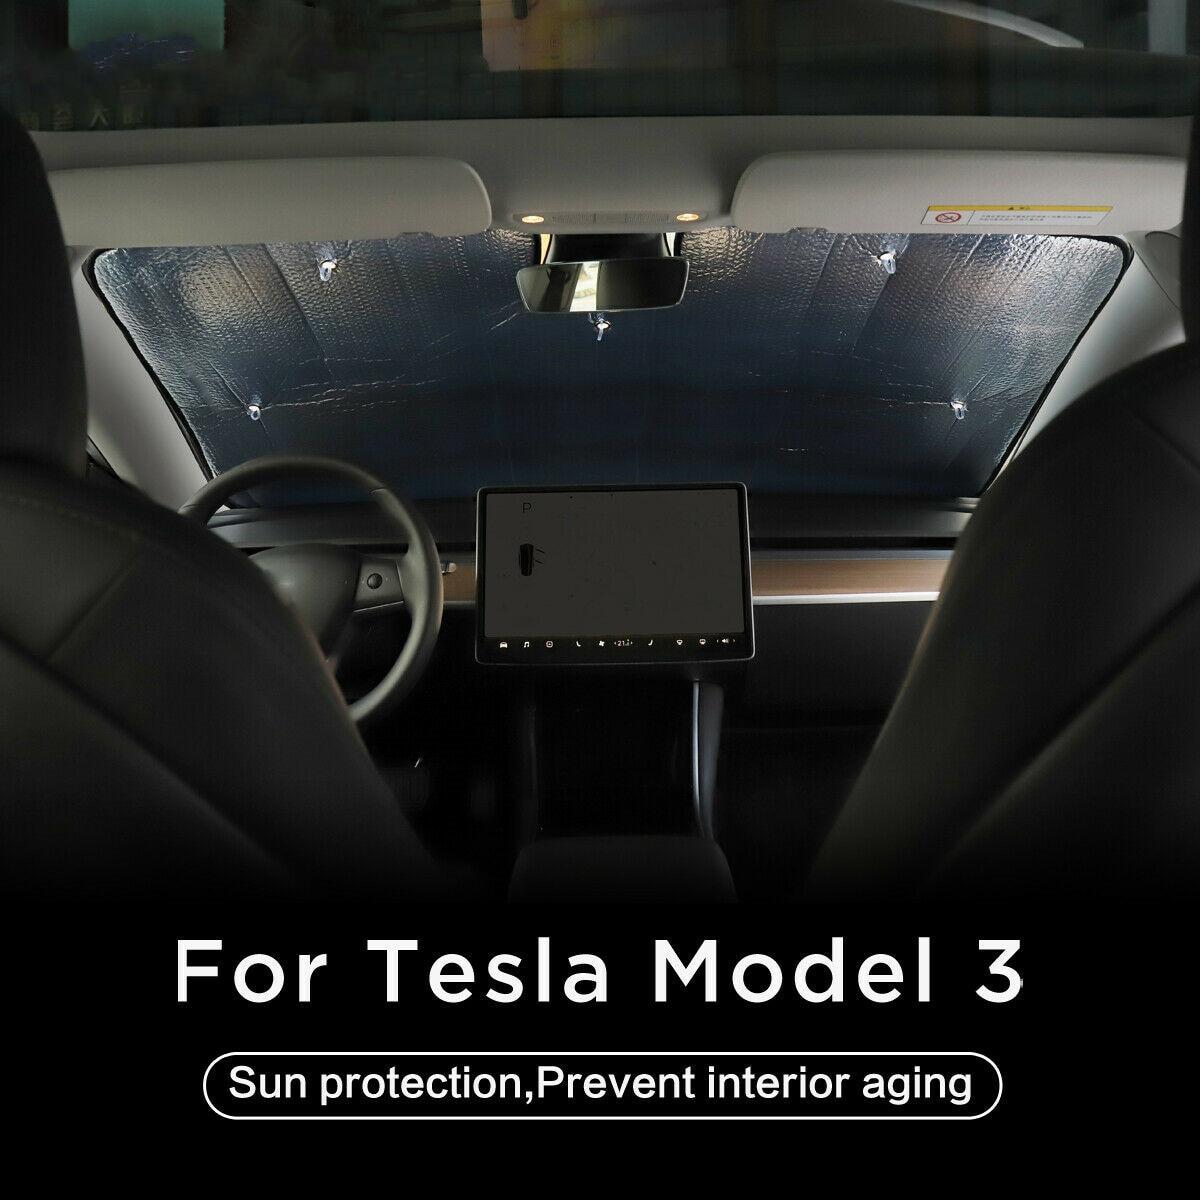 Новое лобовое стекло Солнцезащитный козырек для автомобиля световое стекло затемнение сетка лобовое стекло для Tesla модель 3